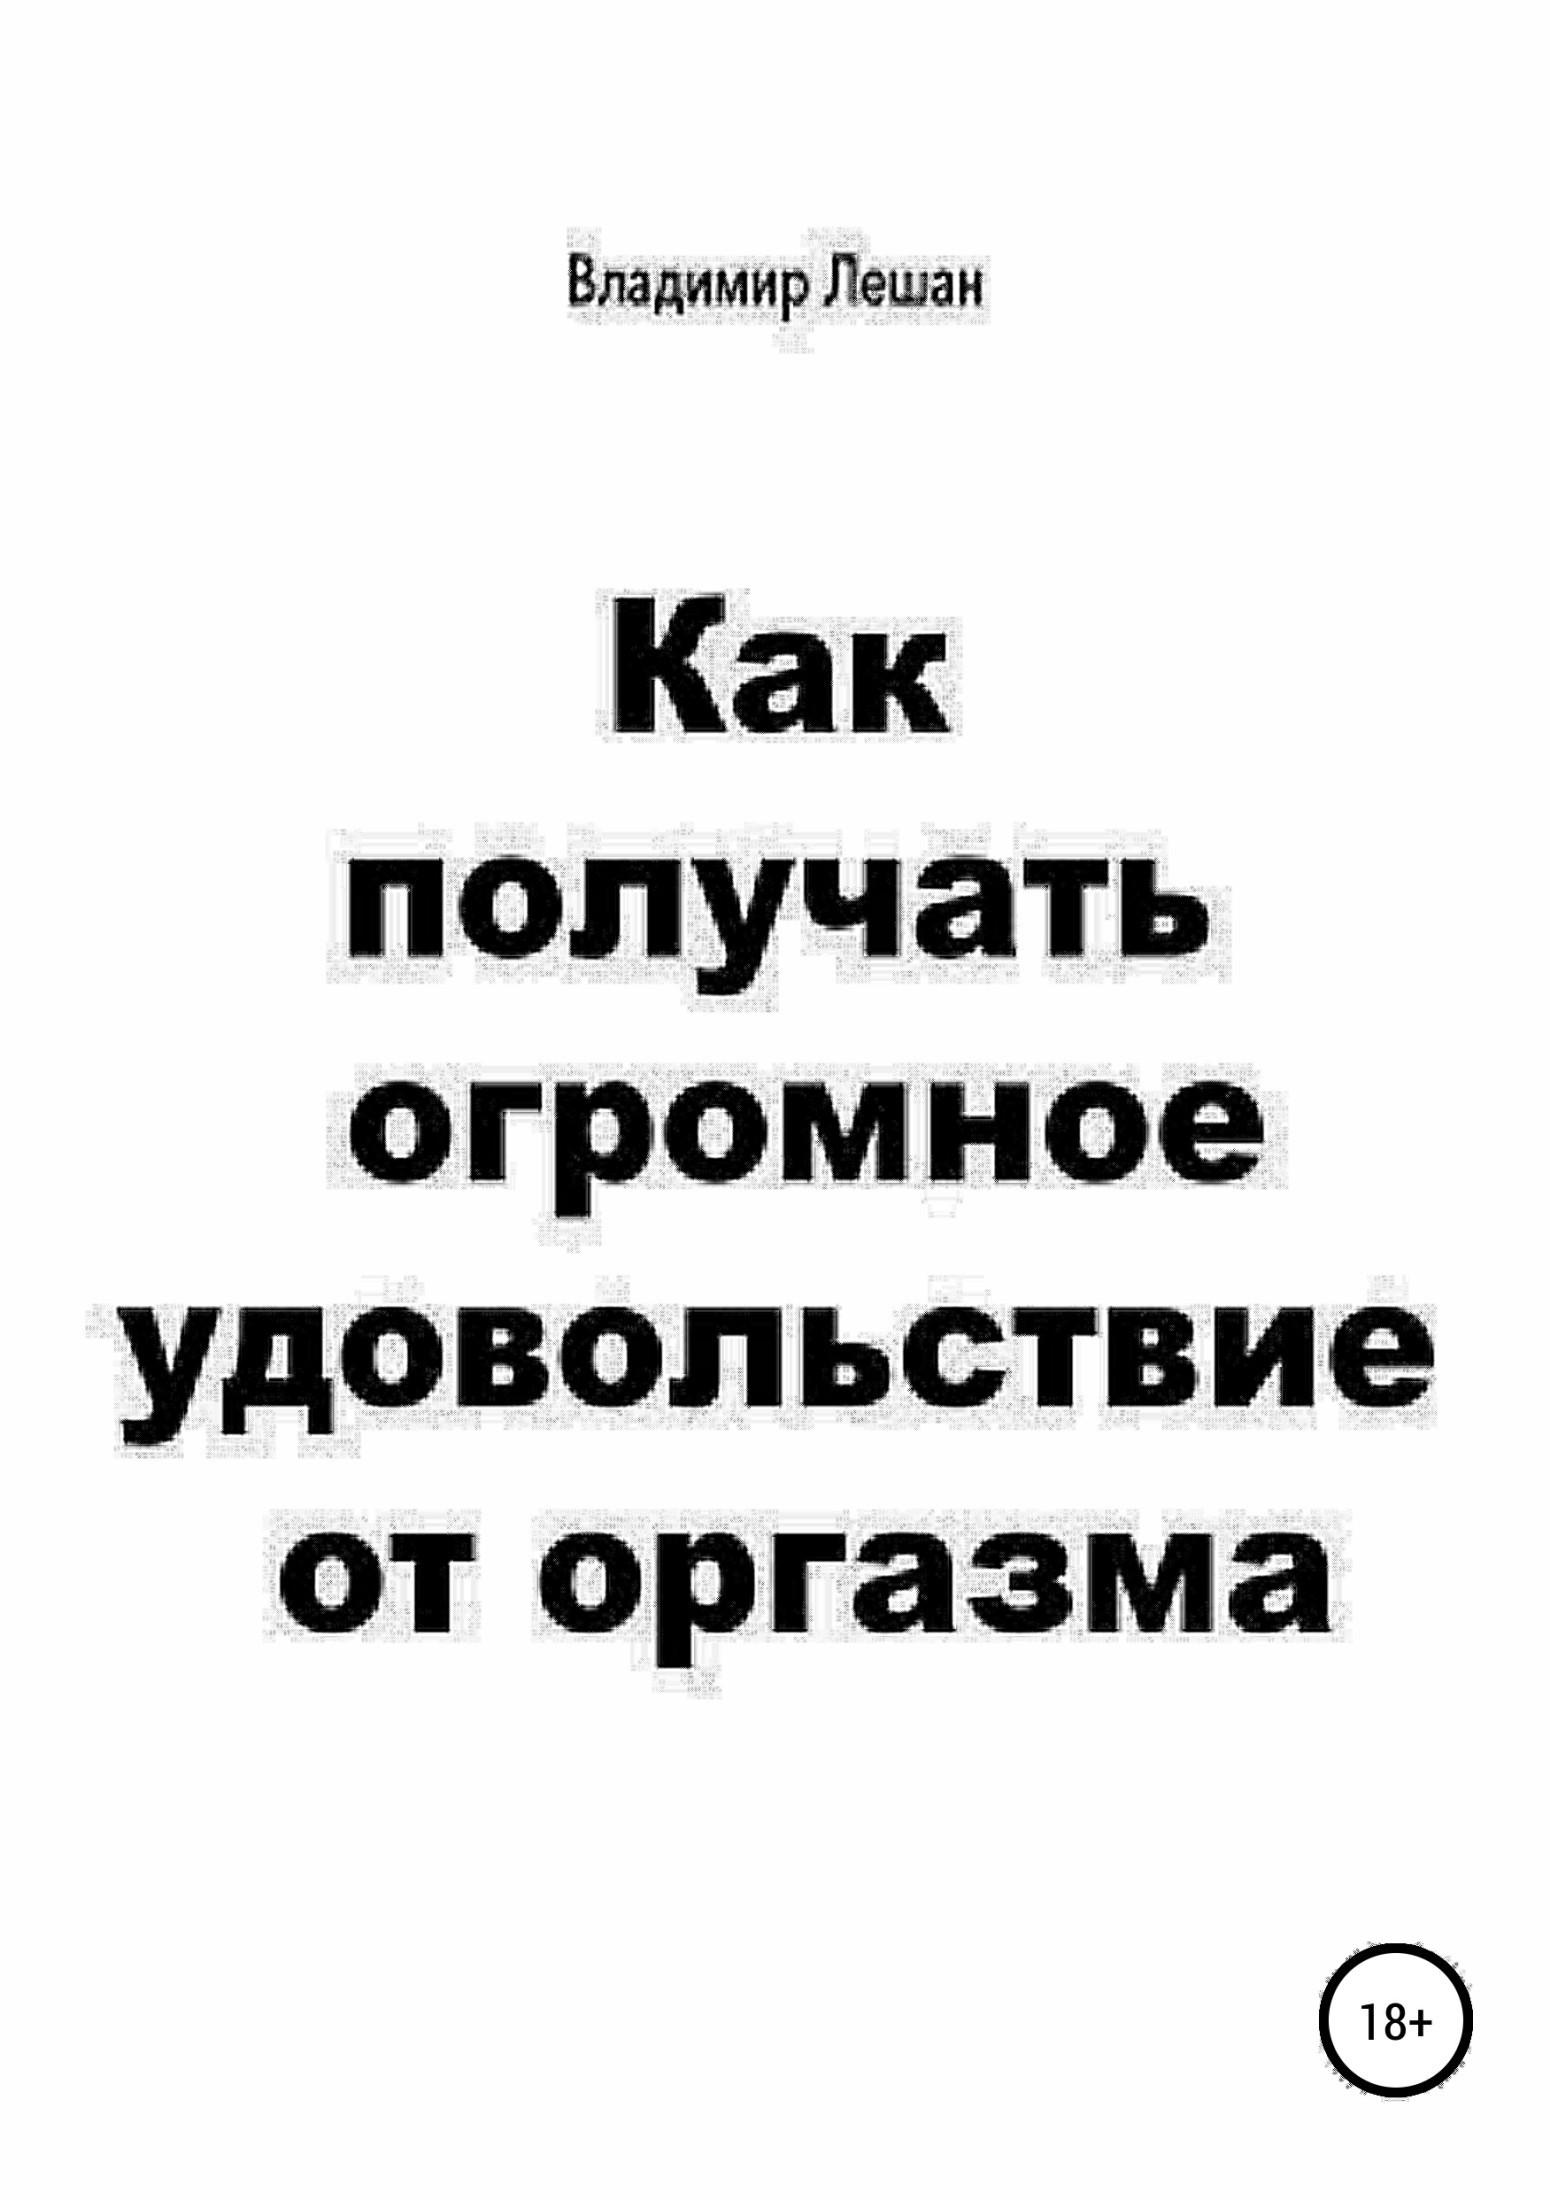 Владимир Лешан Как получать огромное удовольствие от оргазма шауфели в дийкстра п иванова т увлеченность работой как научиться любить свою работу и получать от нее удовольствие